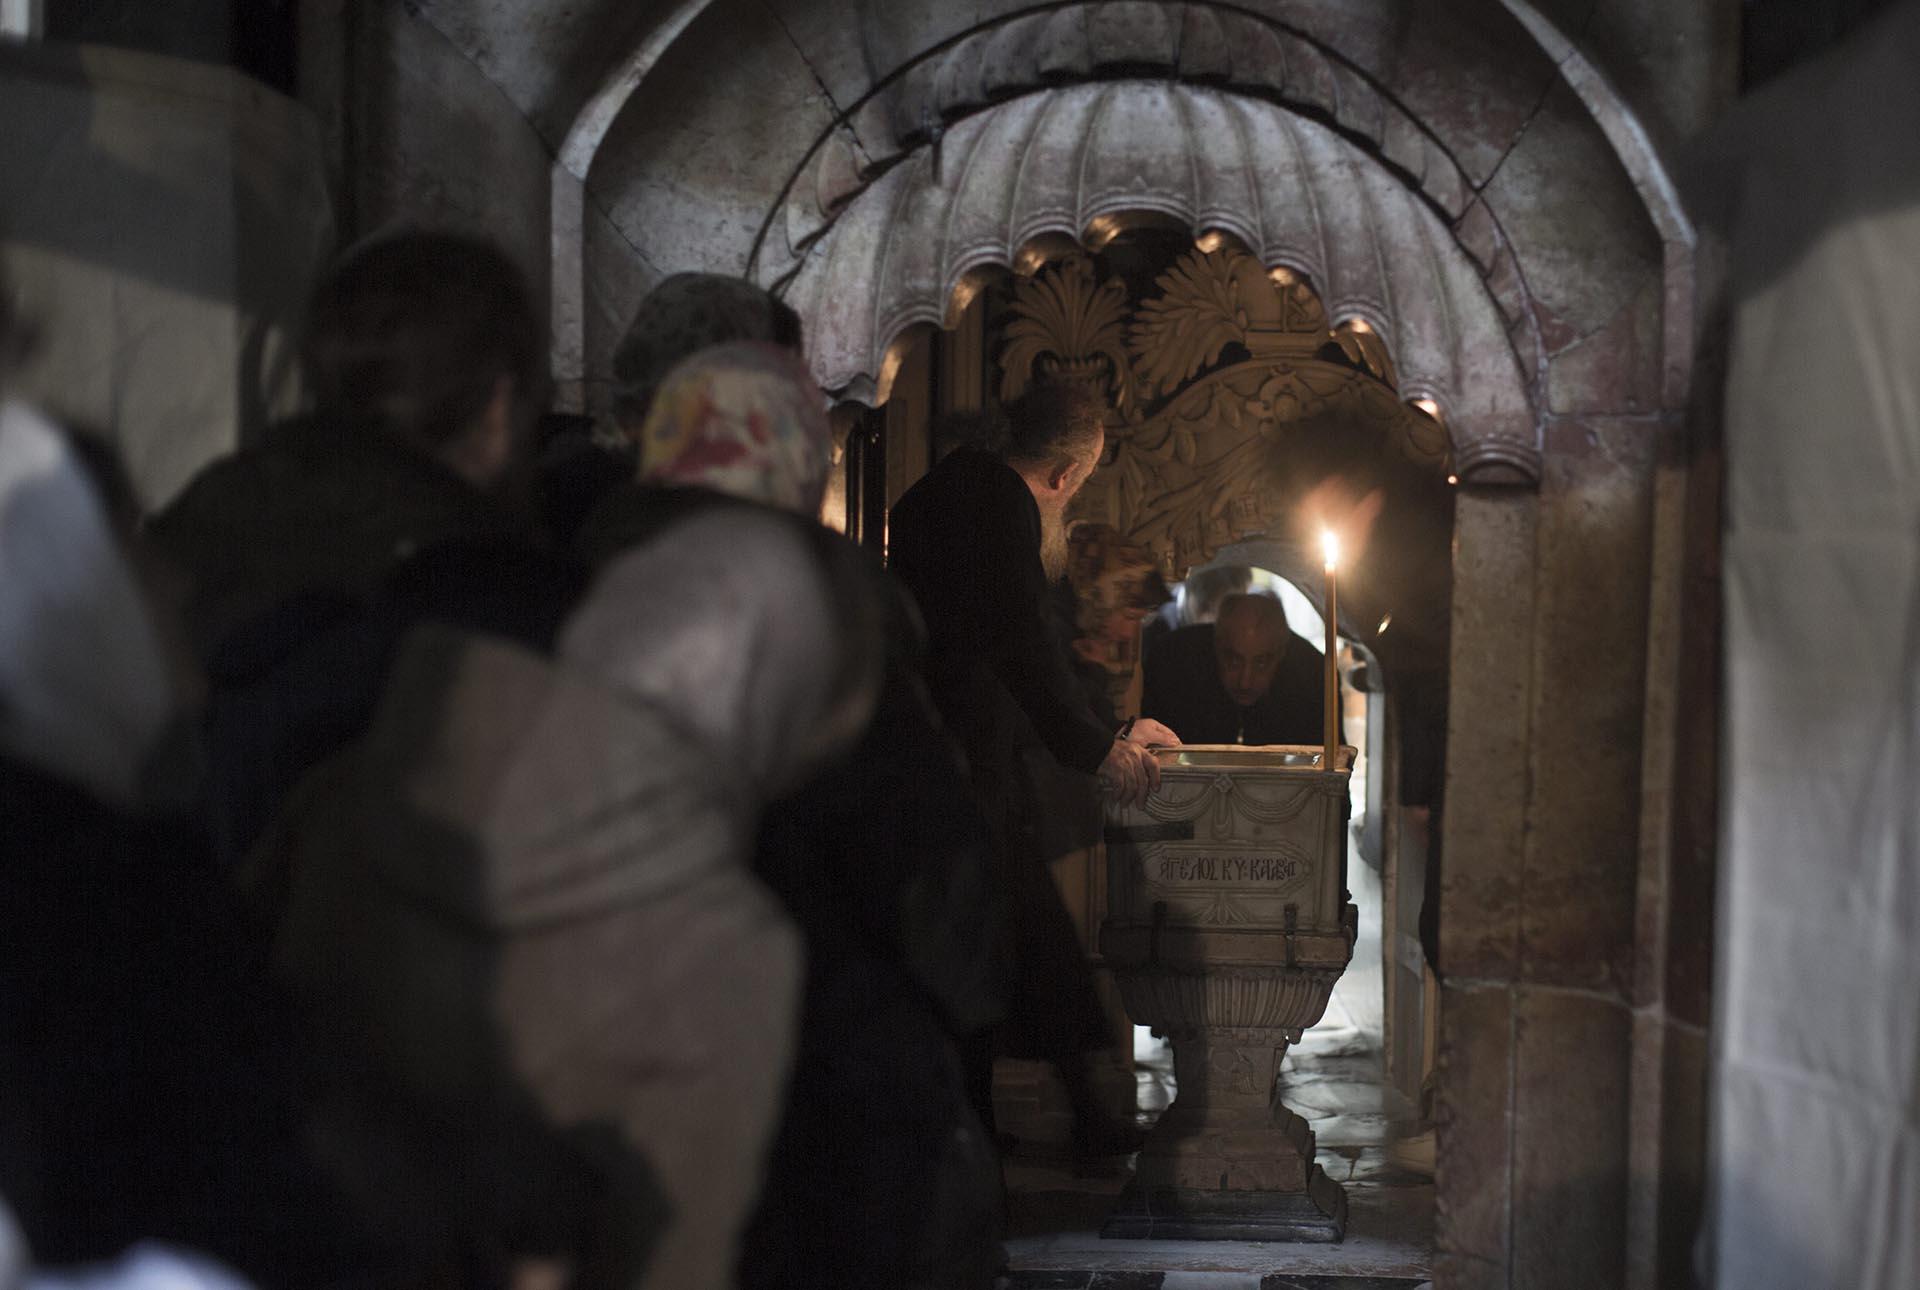 Cristianos esperan para ver la tumba de Jesucristo en la Iglesia de la Santa Sepultura en Jerusalén, Israel